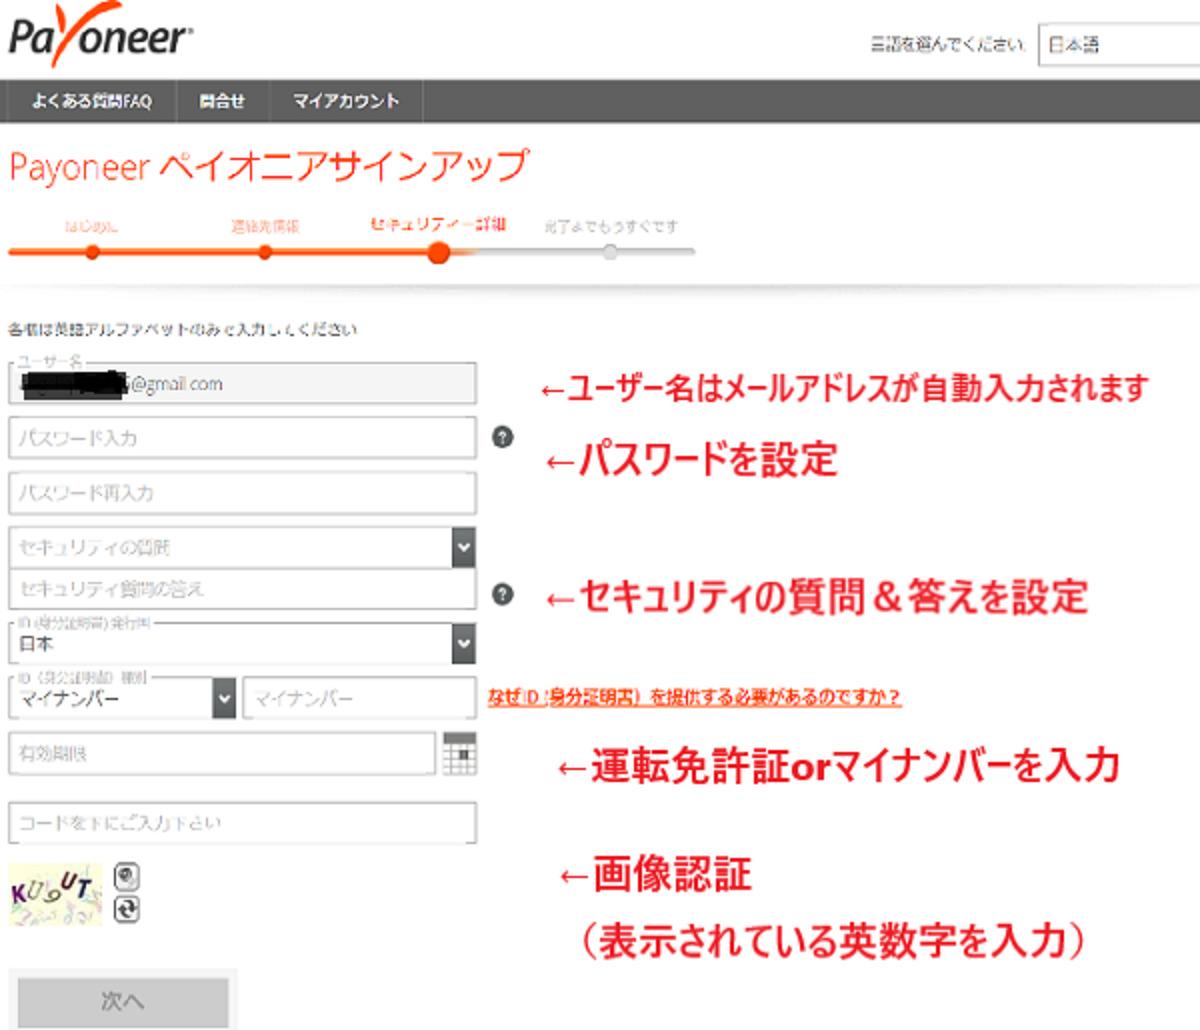 Payoneerアカウントの登録画面 その3c